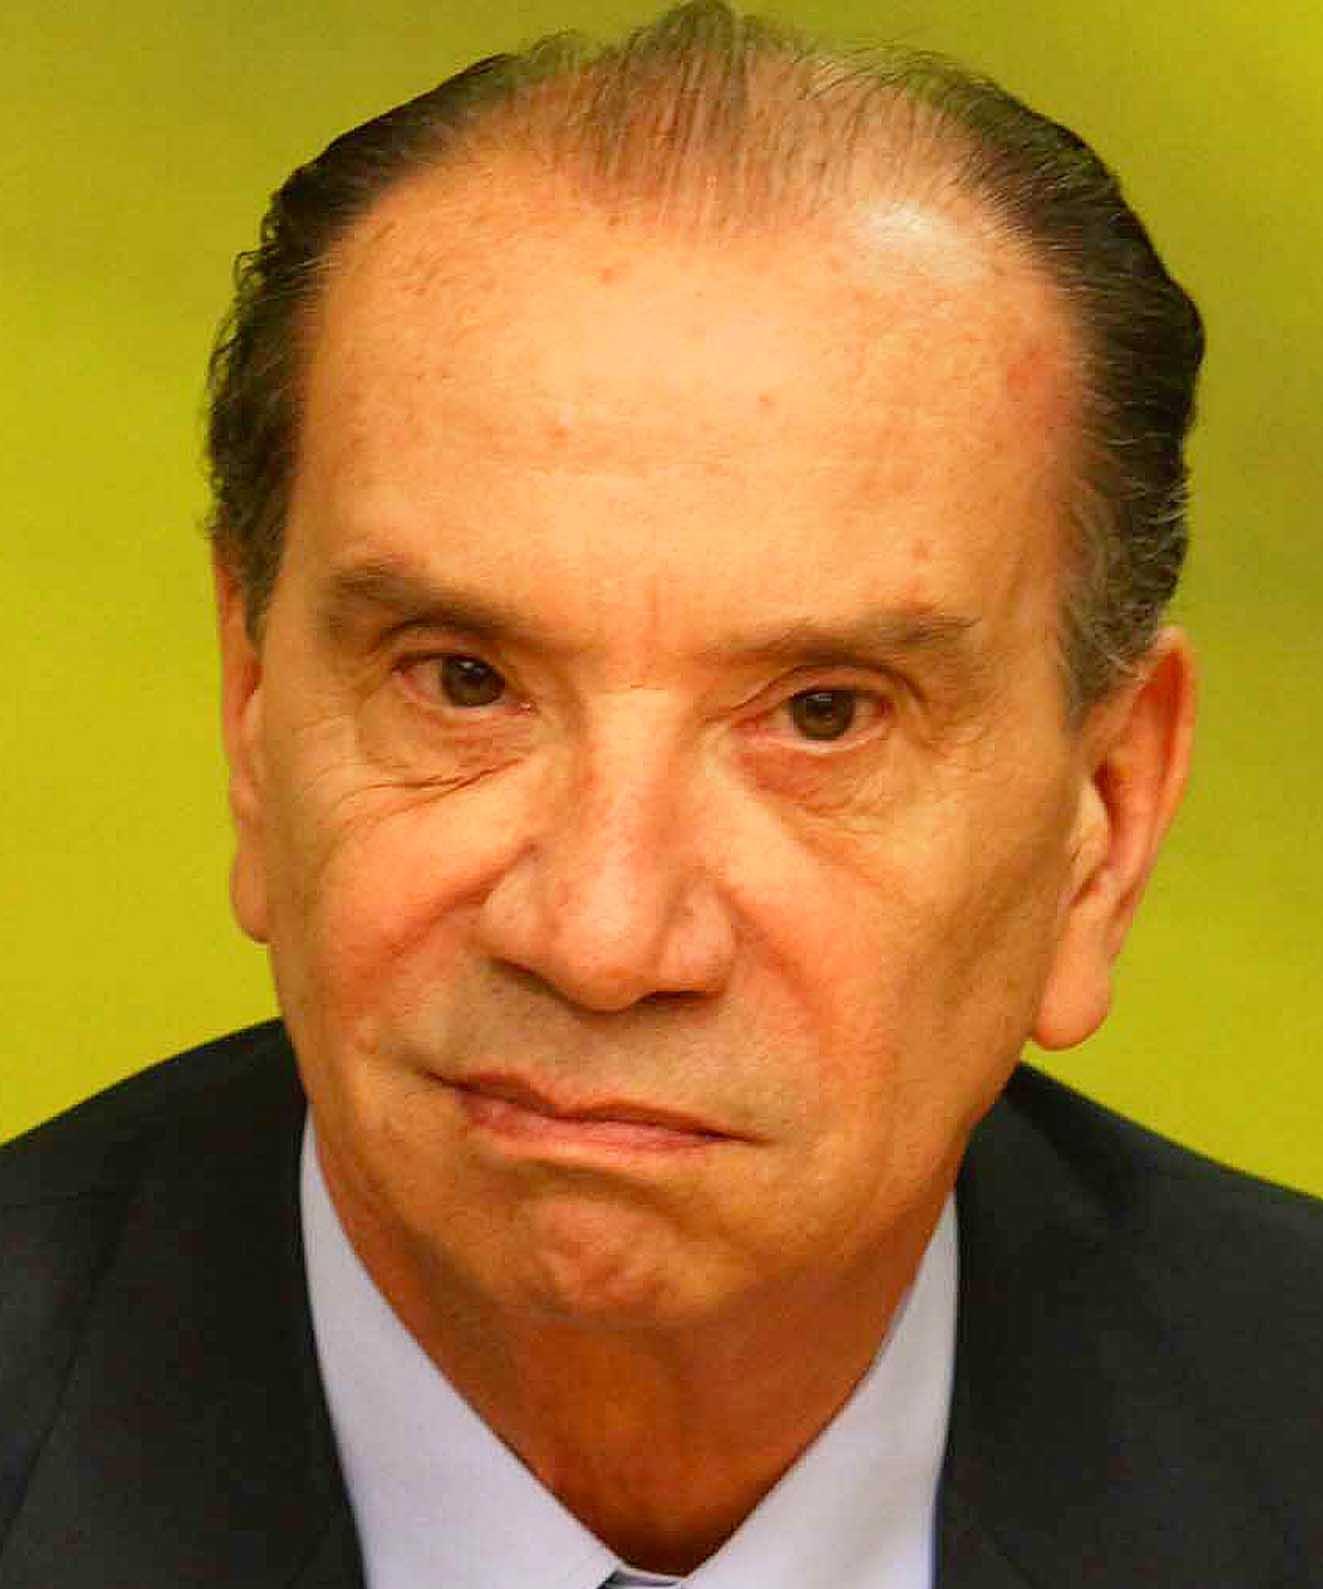 Veja o que saiu no Migalhas sobre Aloysio Nunes